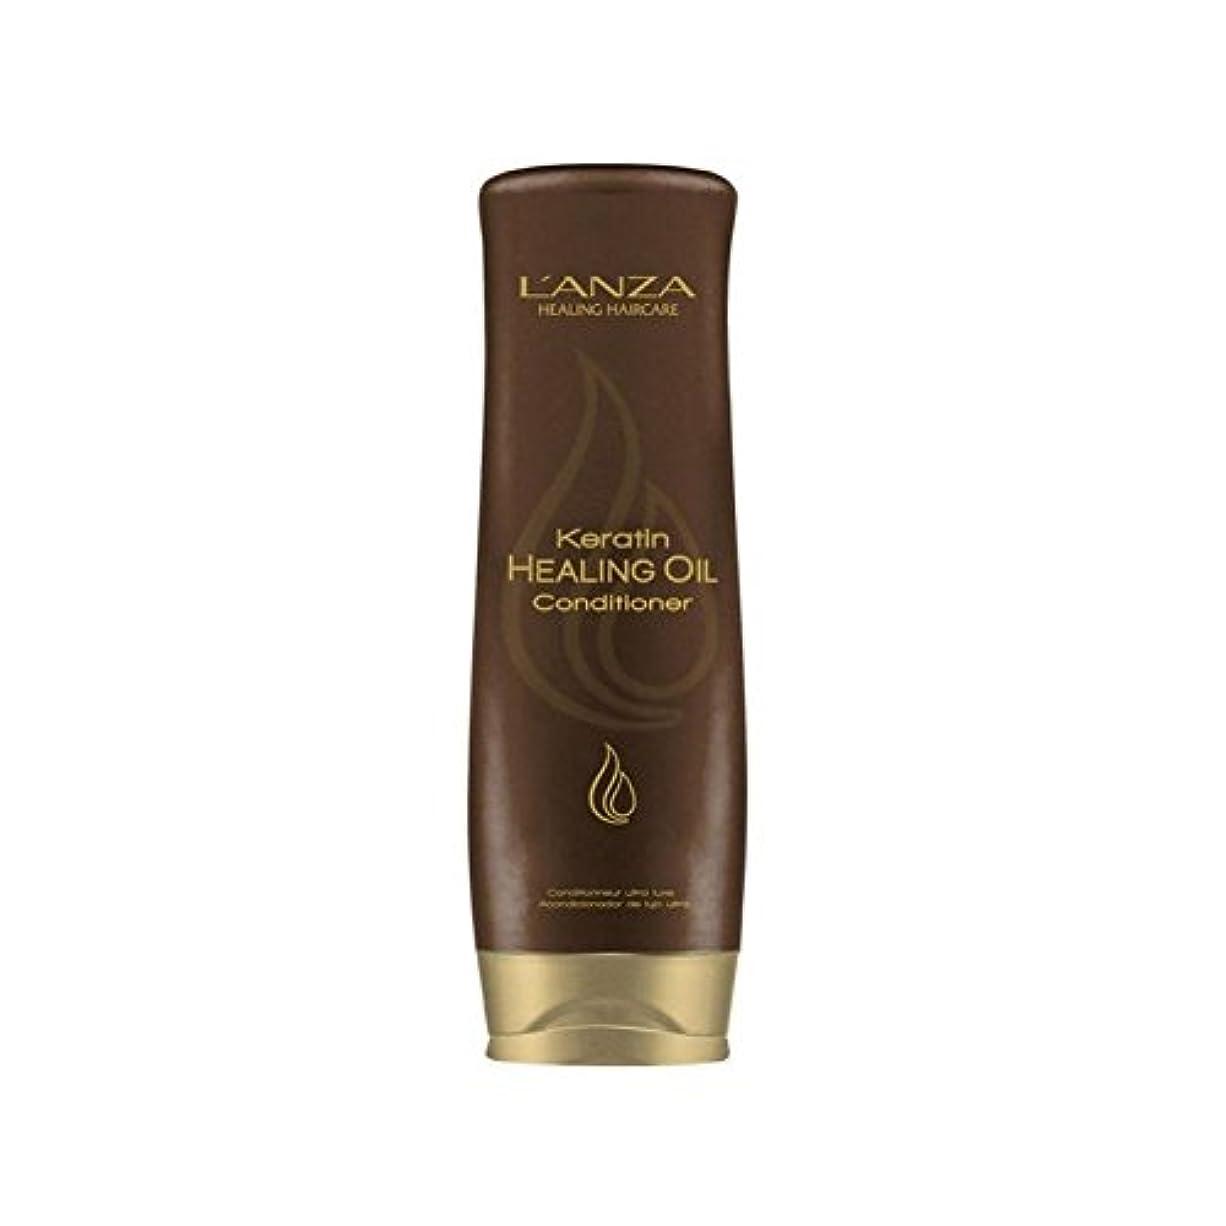 幻滅する六分儀陰謀L'Anza Keratin Healing Oil Conditioner (250ml) - アンザケラチンオイルコンディショナー(250ミリリットル)を癒し [並行輸入品]